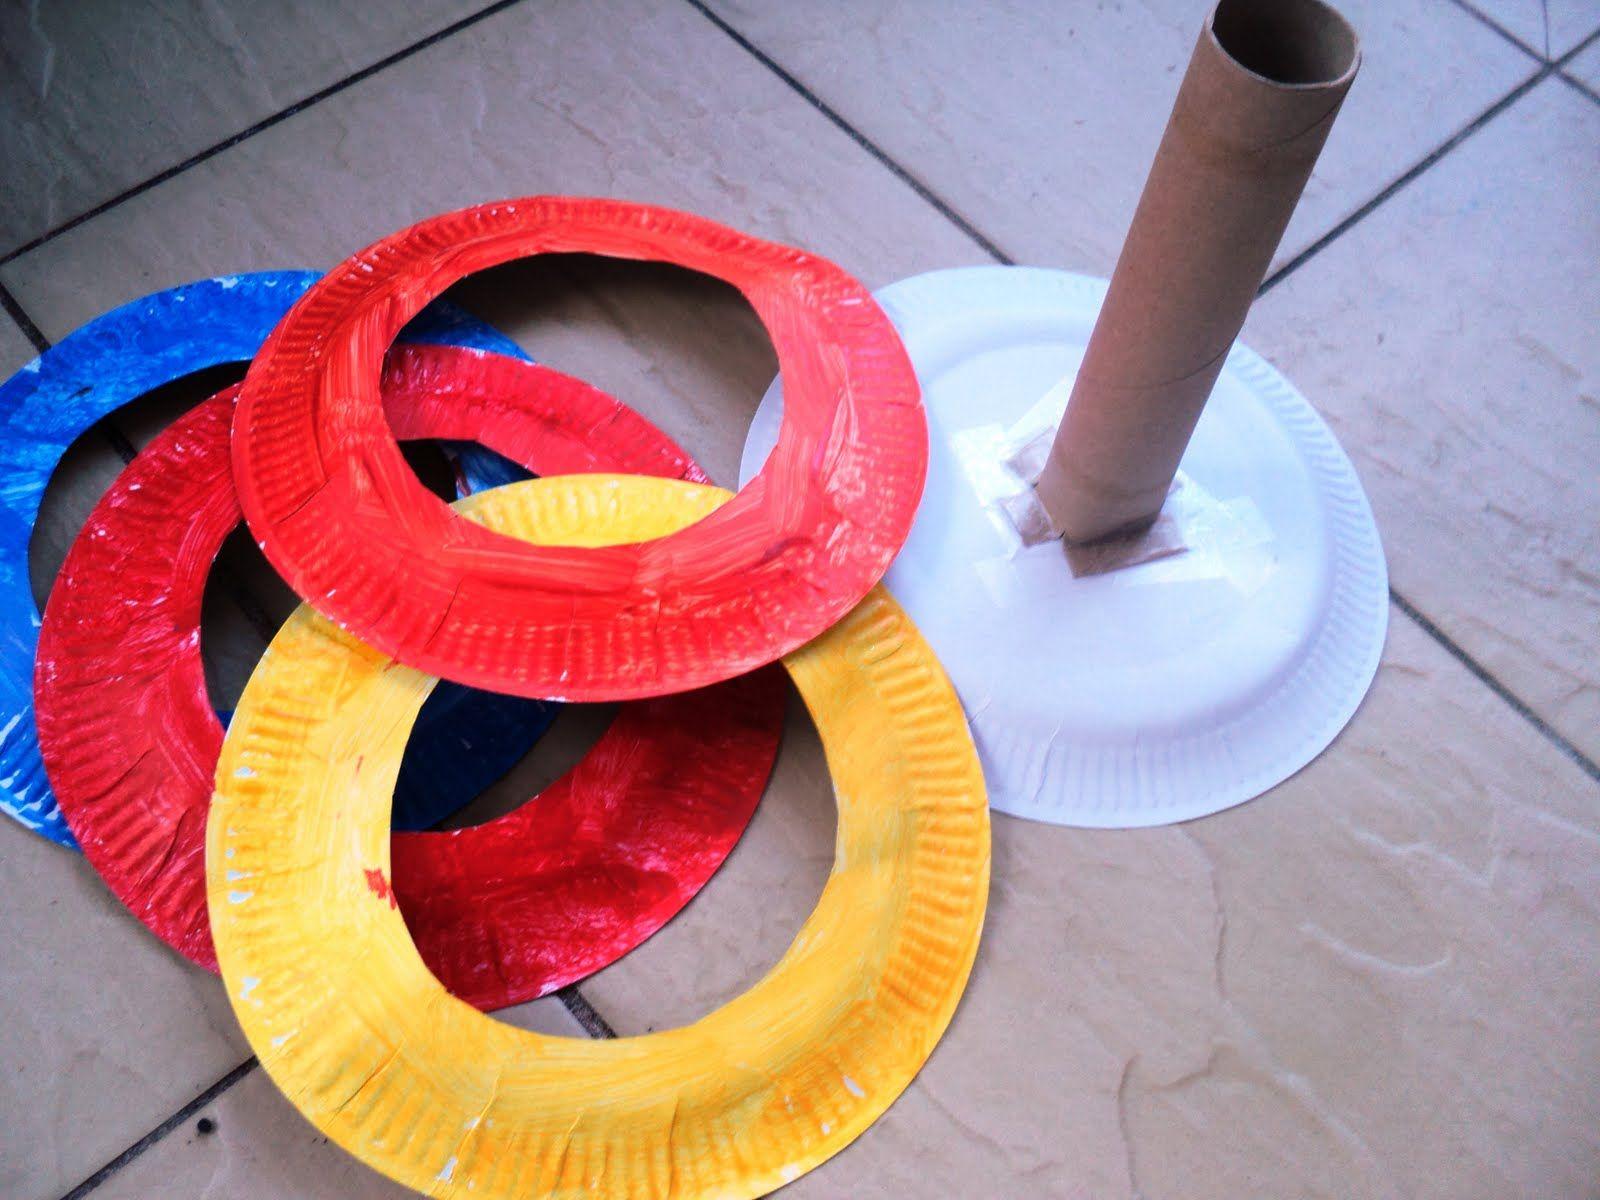 5dddb106f2de6 Los niños afinan su puntería con los juegos más divertidos - Planes y  Actividades con Niños - Charhadas.com